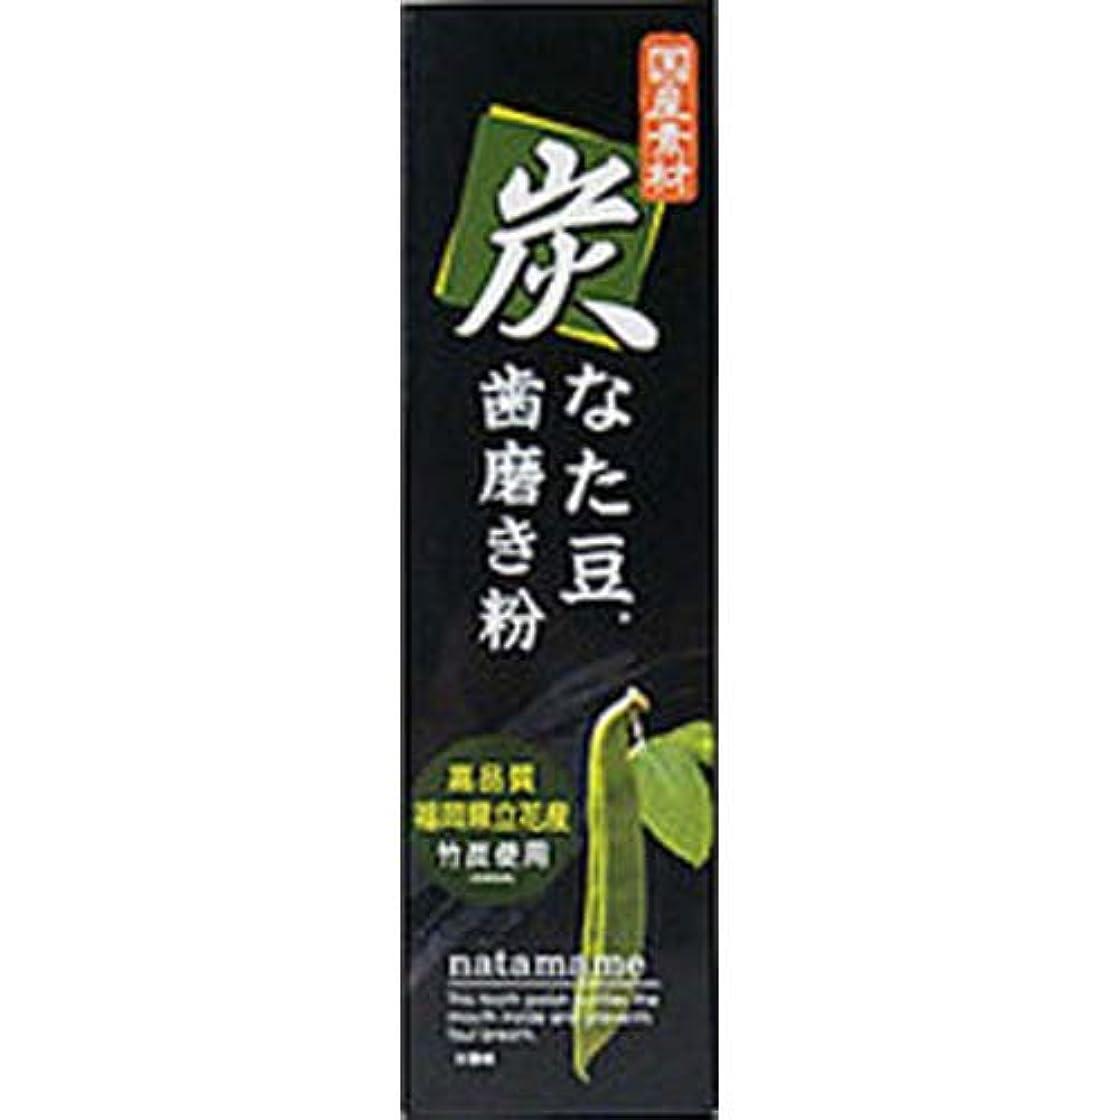 システム内向き端炭なた豆歯磨き粉 120g